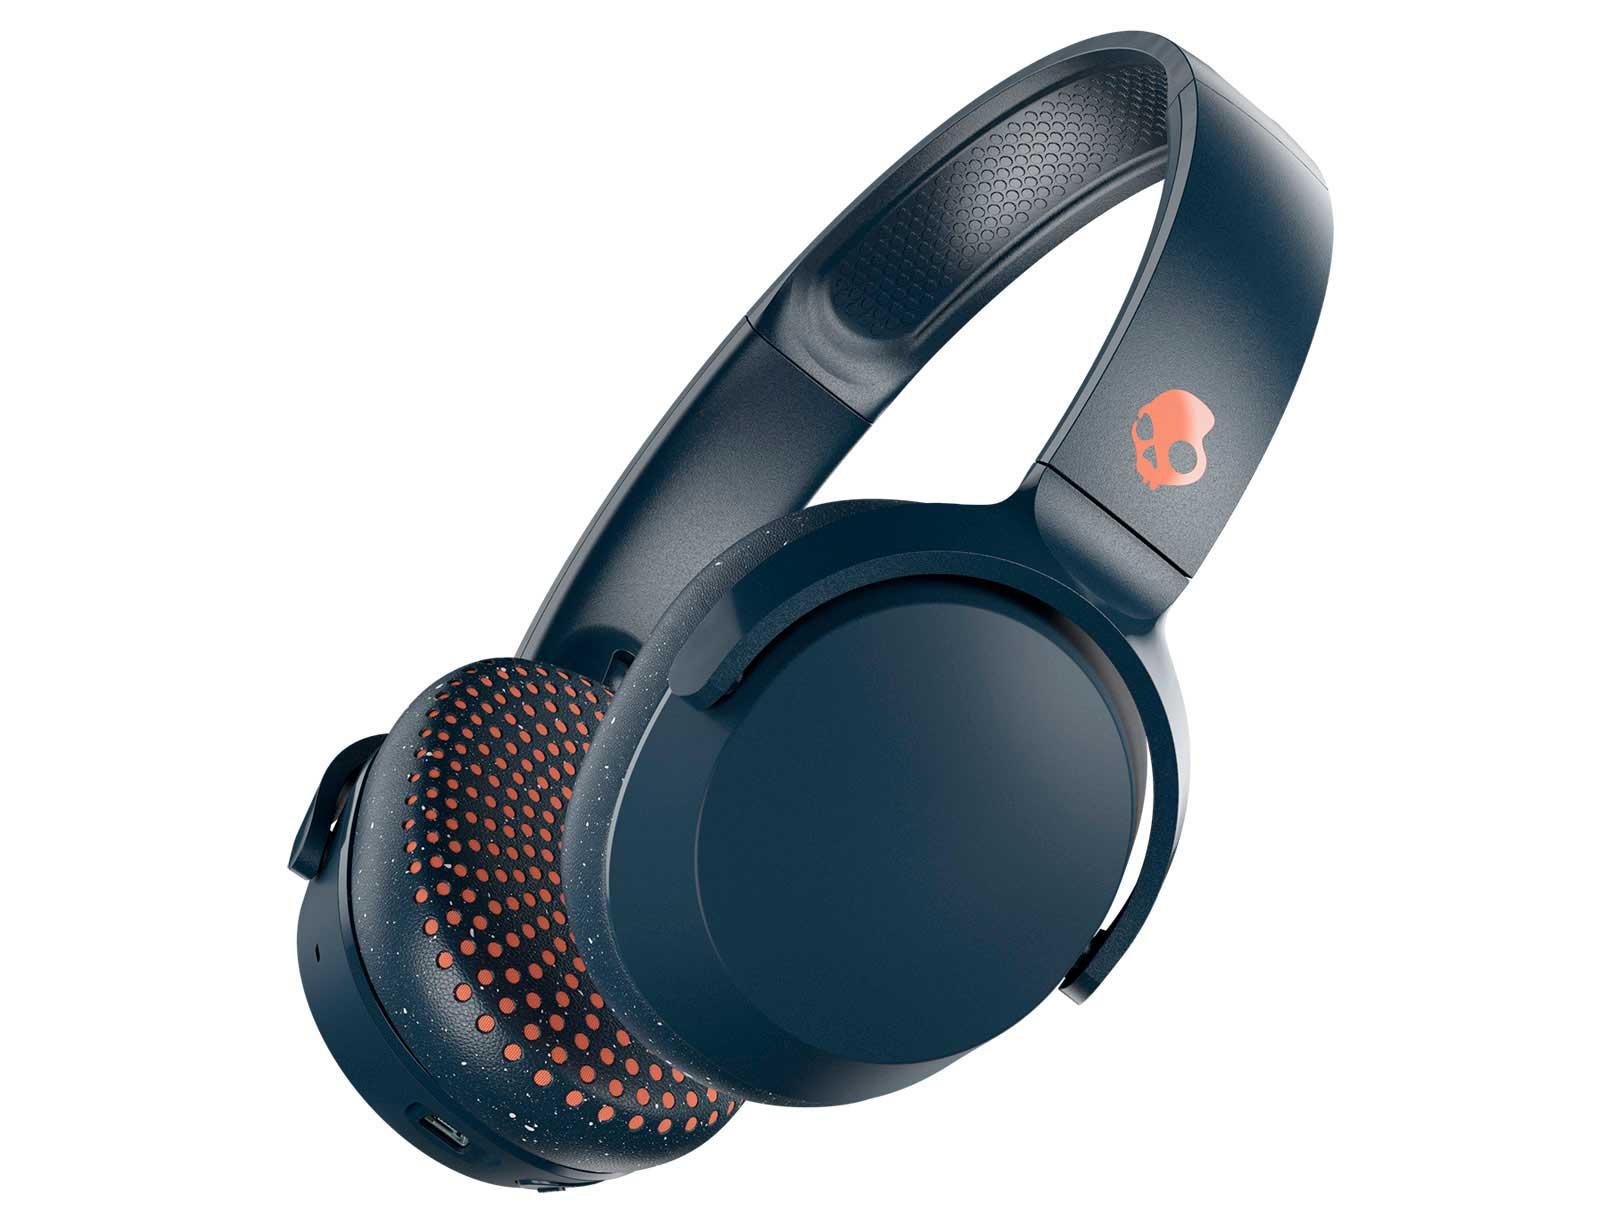 Liverpool en línea: Audífonos Inalámbricos Skull Candy On-Ear S5PXW-l673 azules